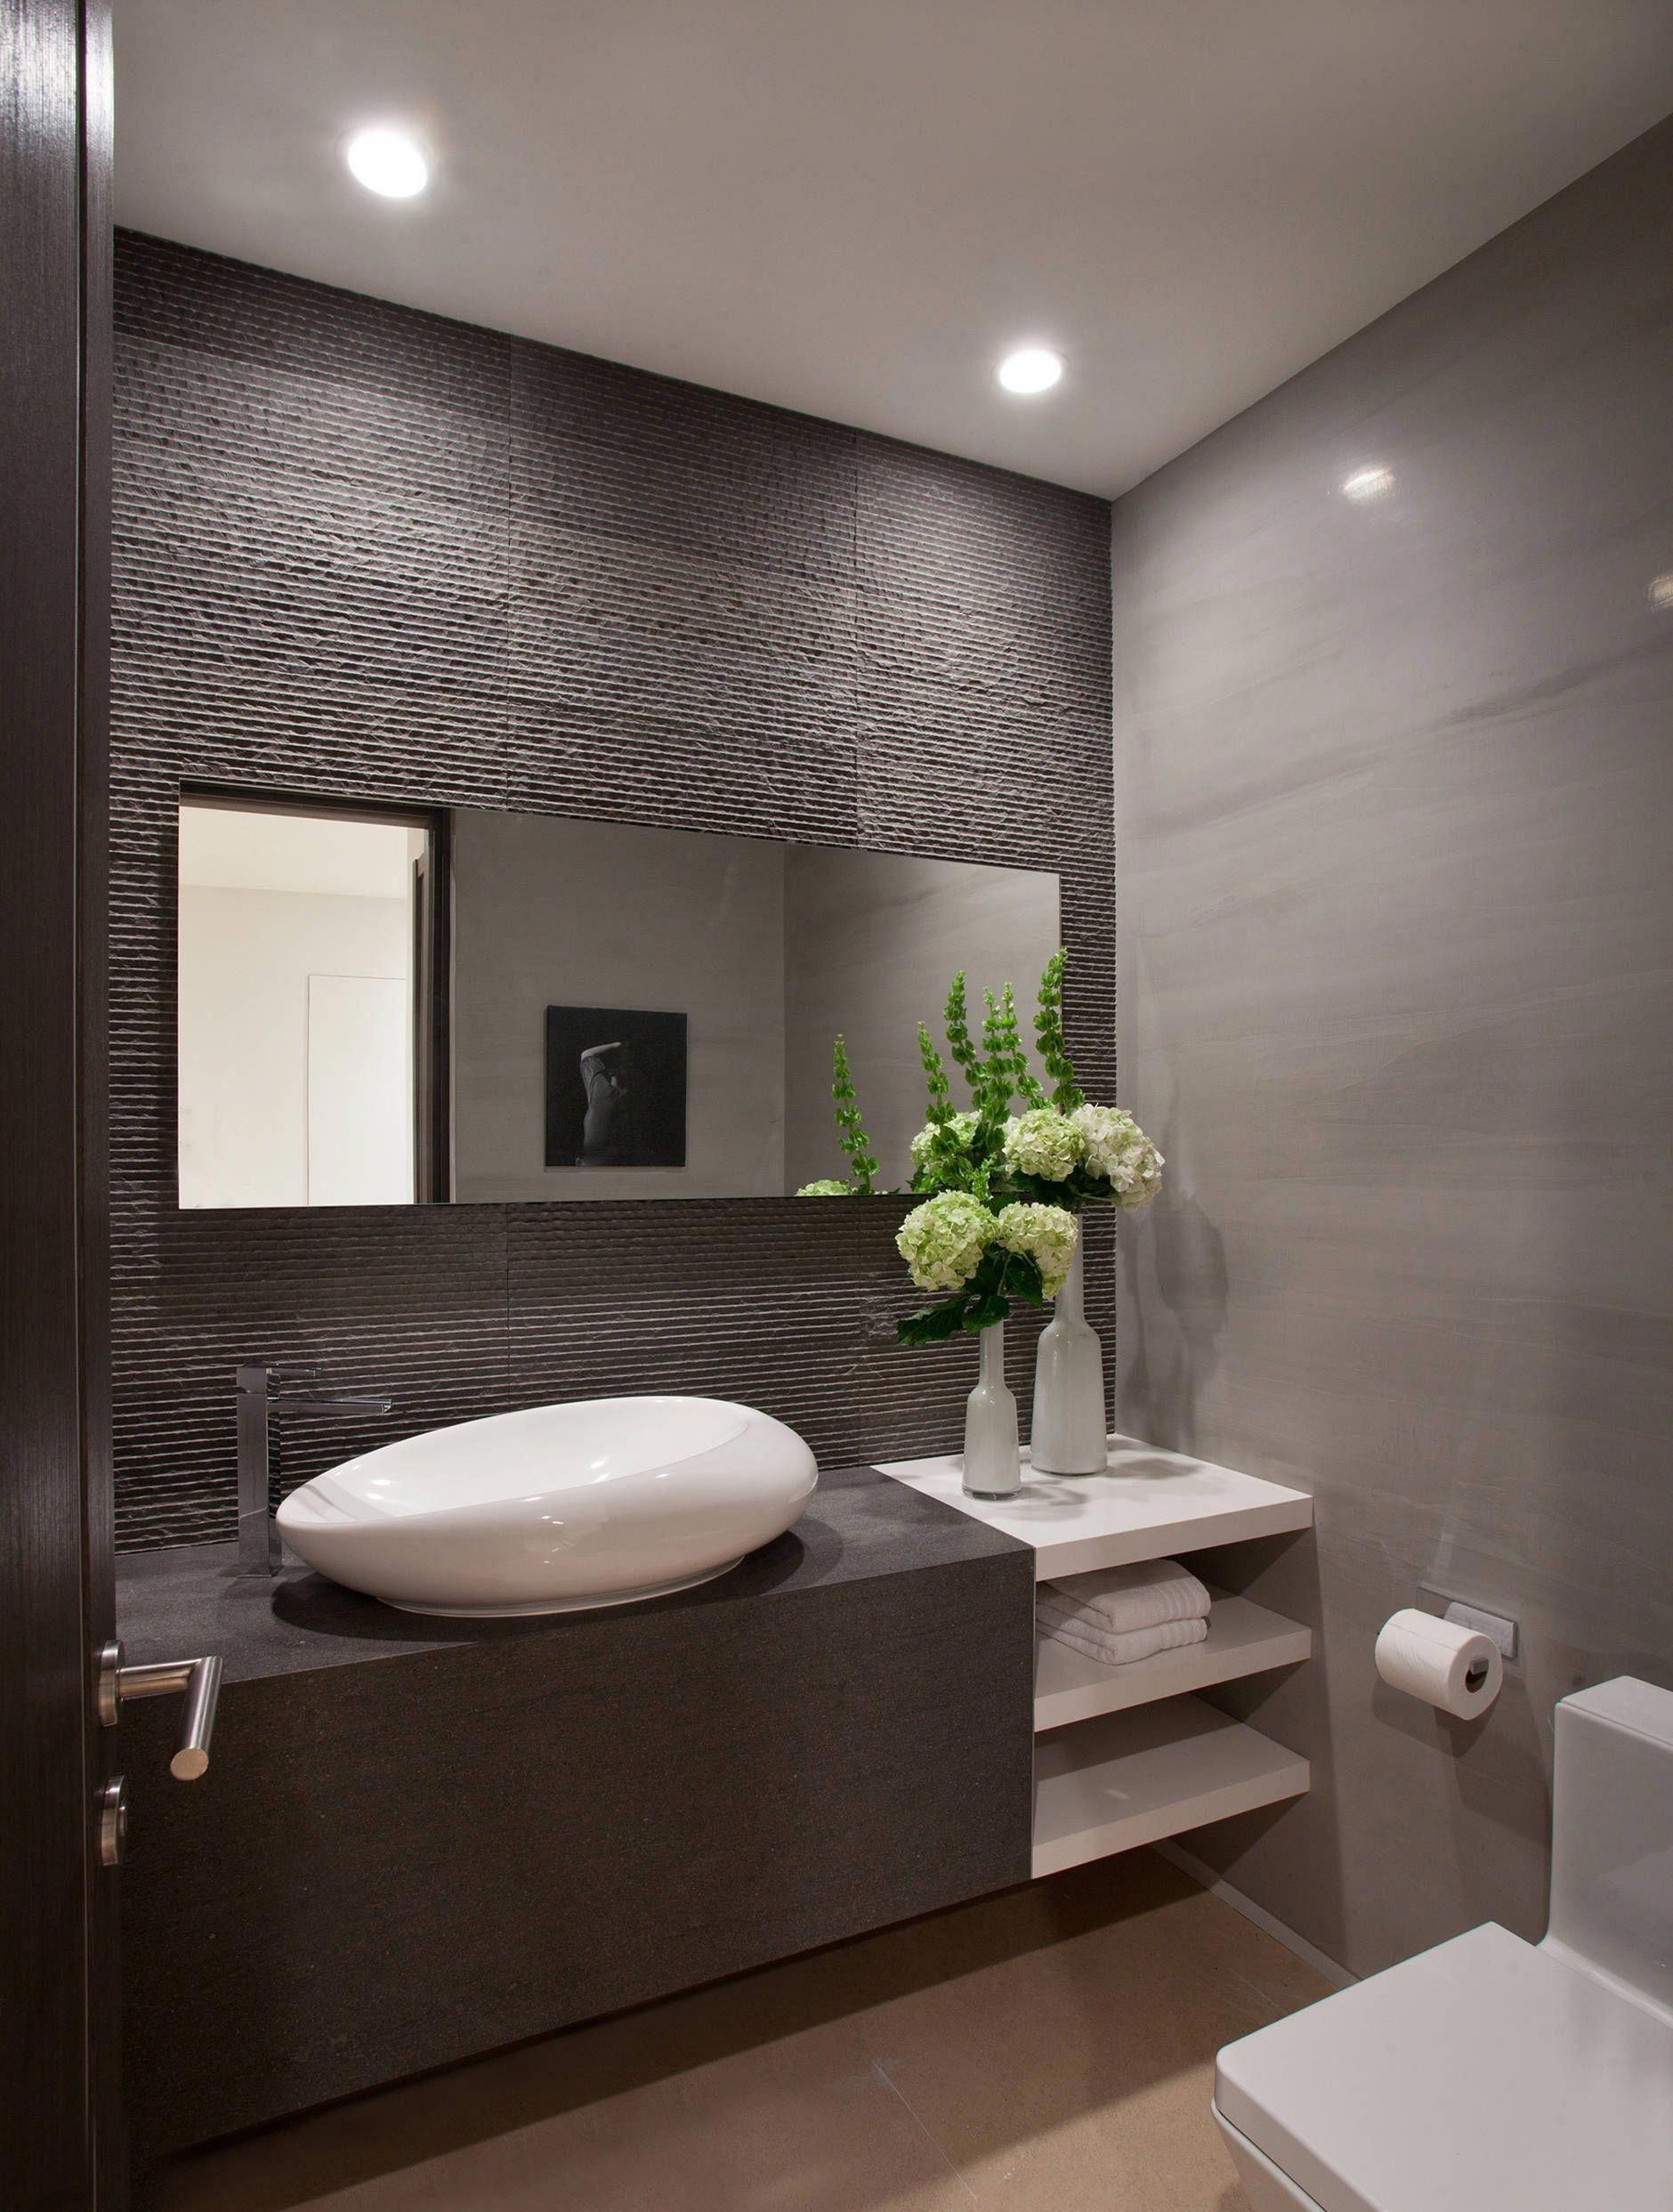 Bathroom Exhaust Fan Ideas Bathroomideas Top Bathroom Design Bathroom Vanity Designs Gorgeous Bathroom Designs